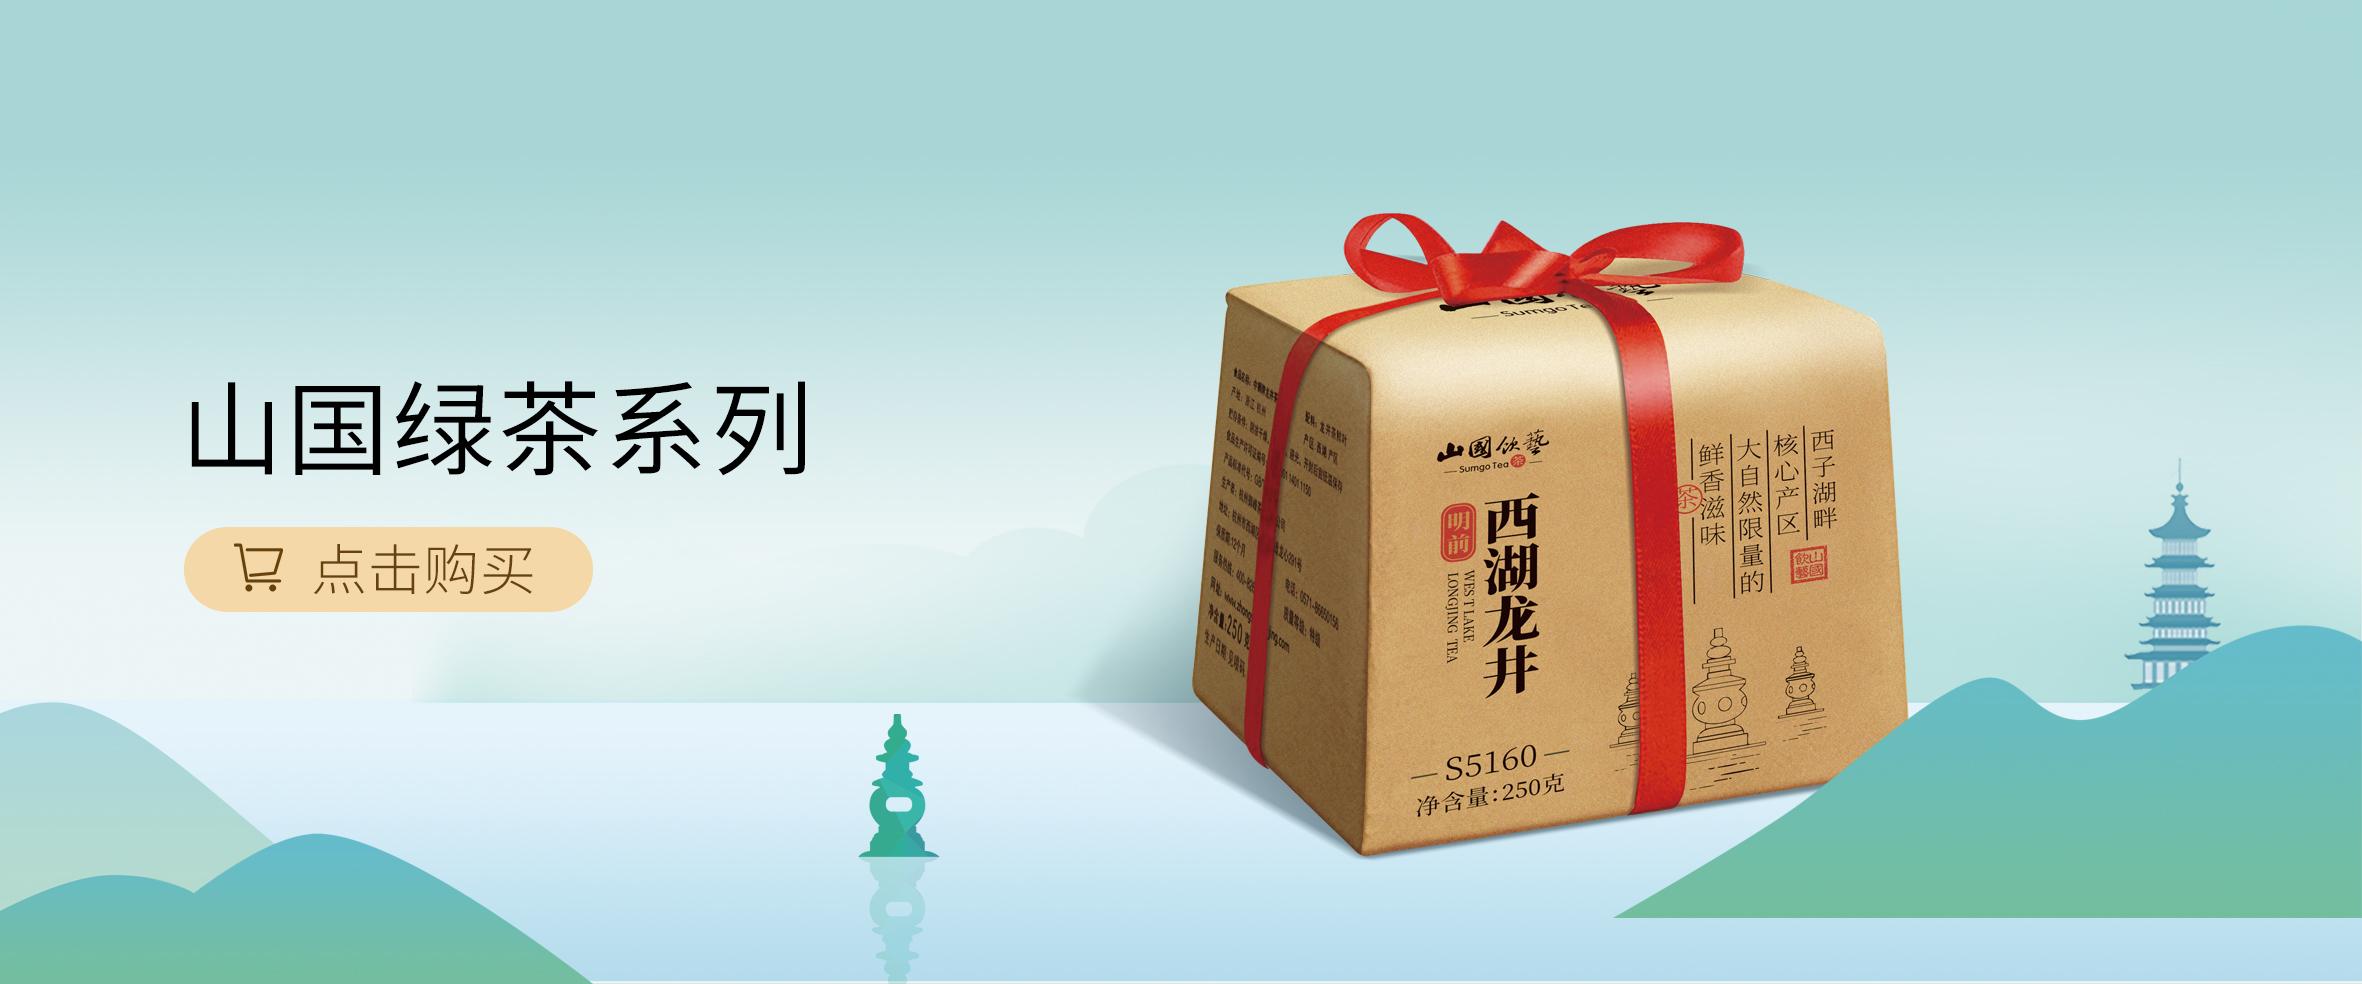 山国绿茶系列banner_20210720_195643753